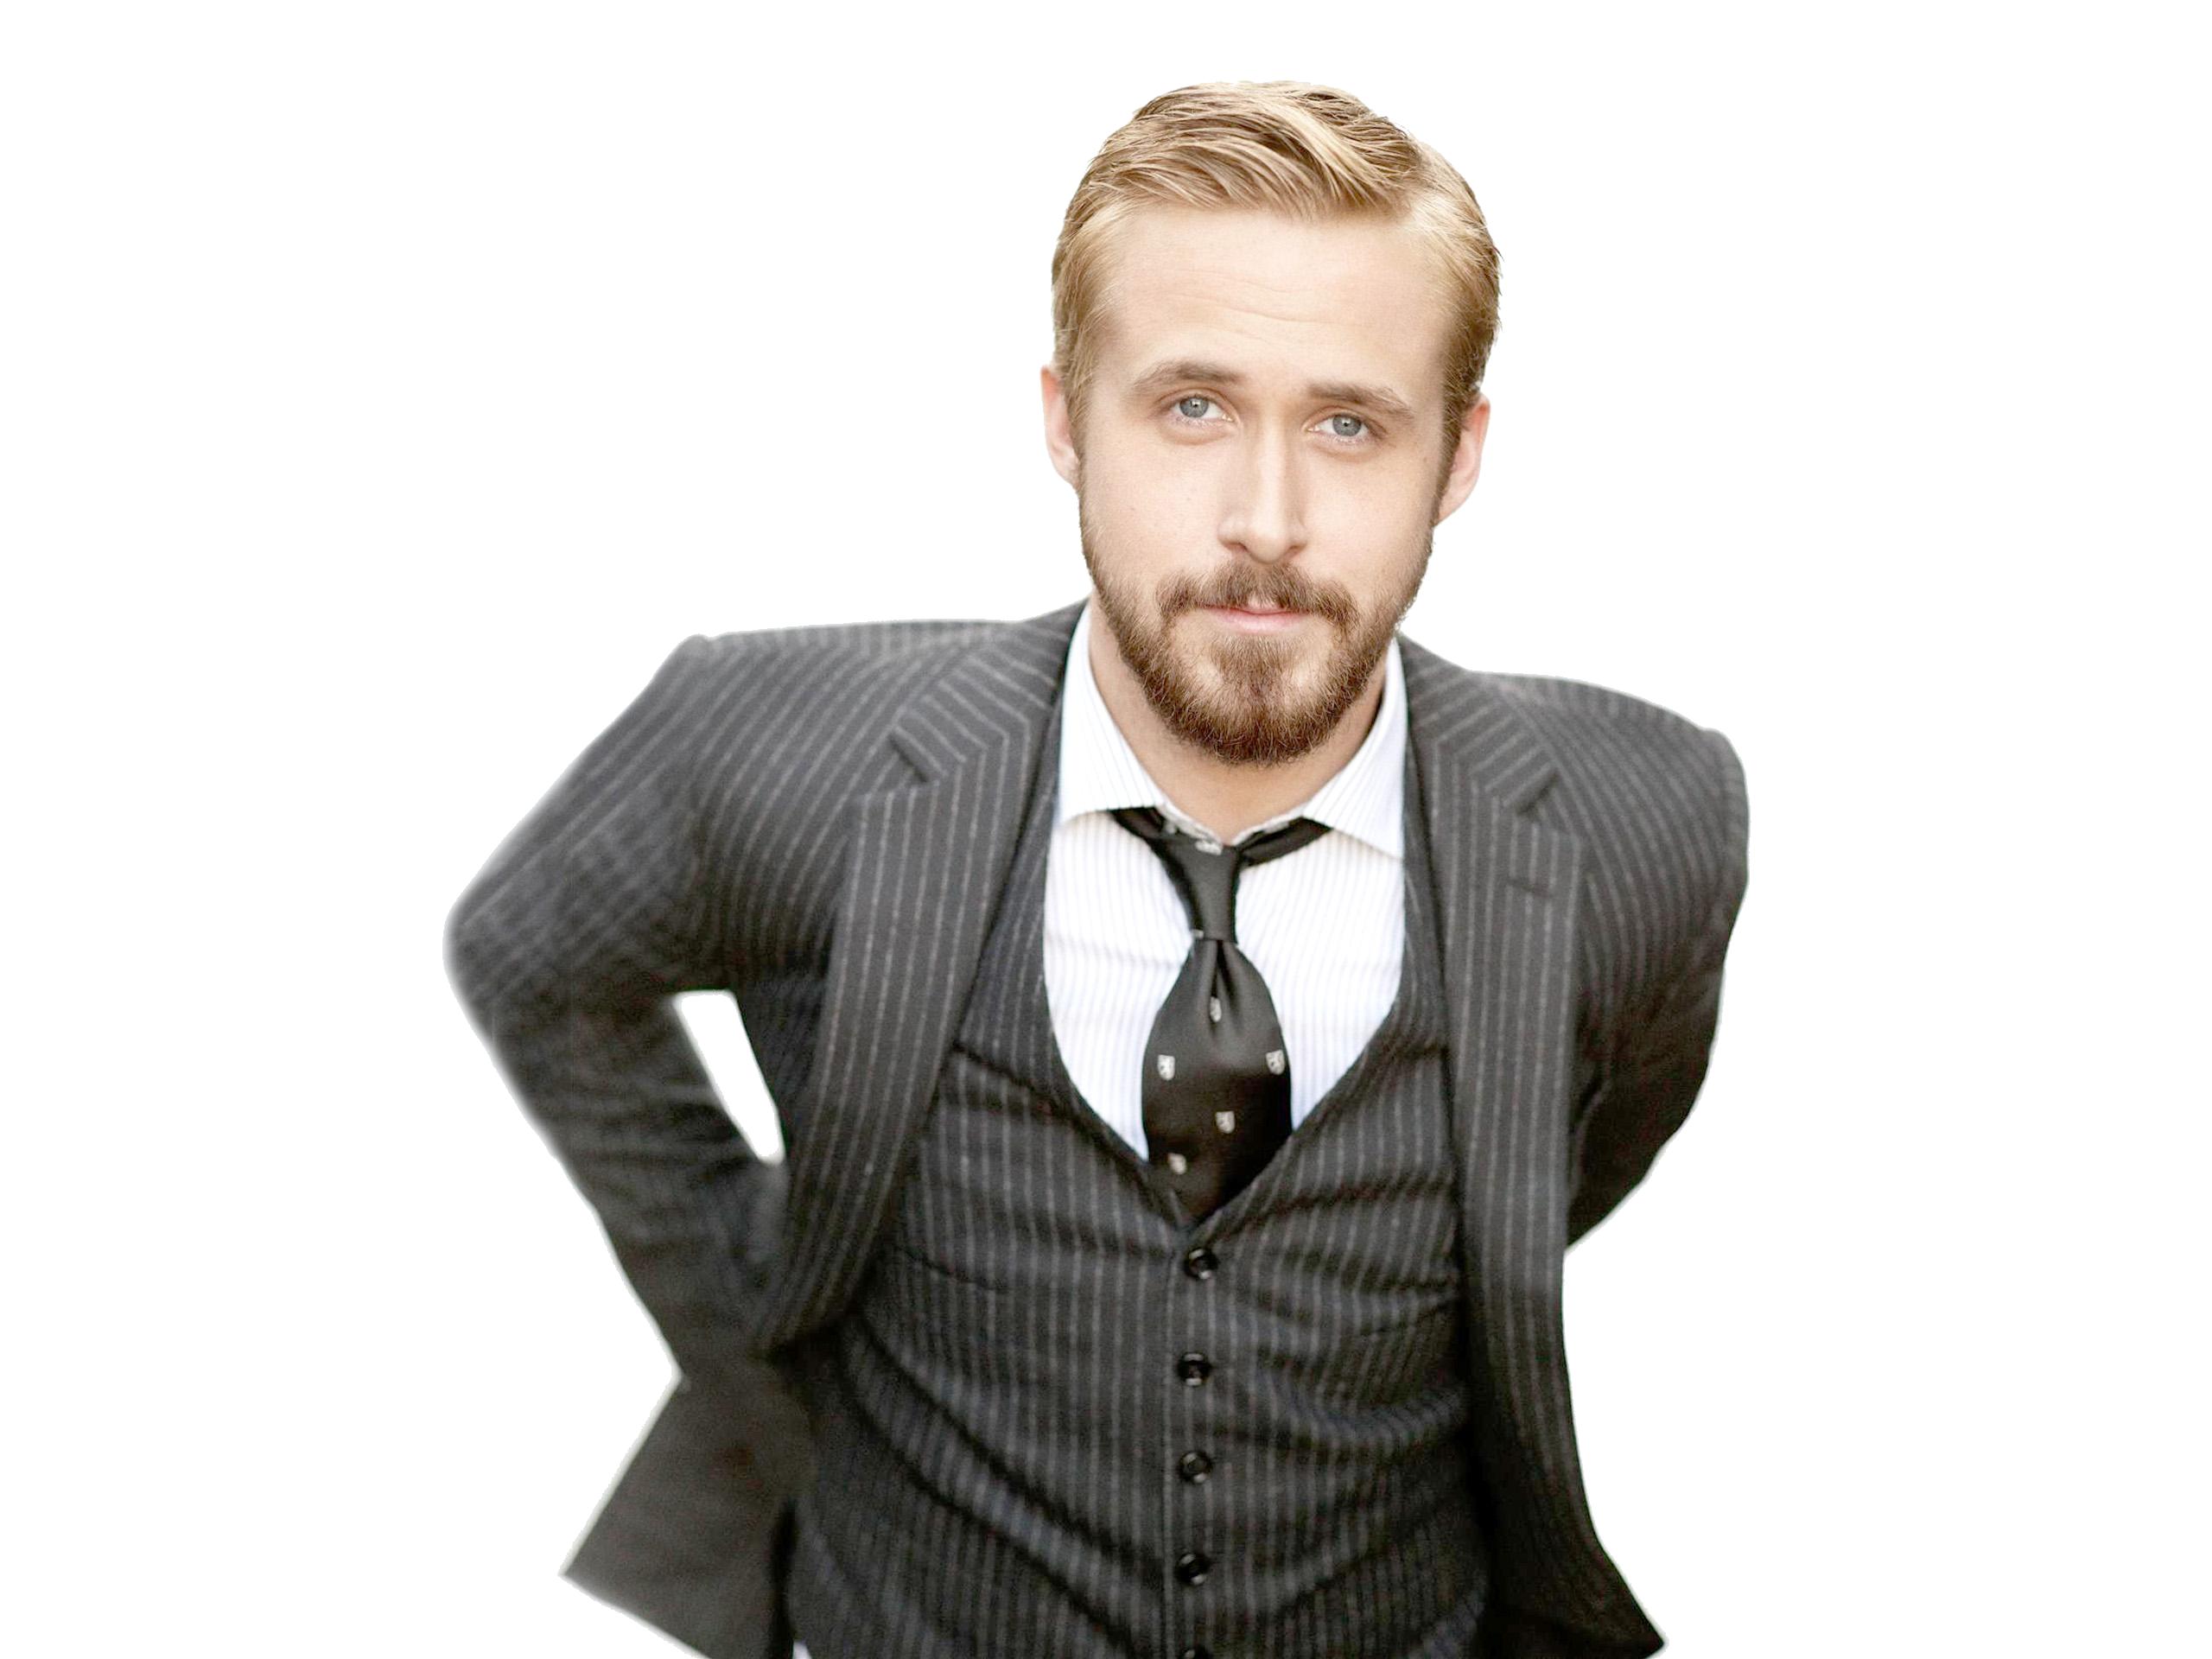 Ryan Gosling PNG Image - Ryan Gosling PNG